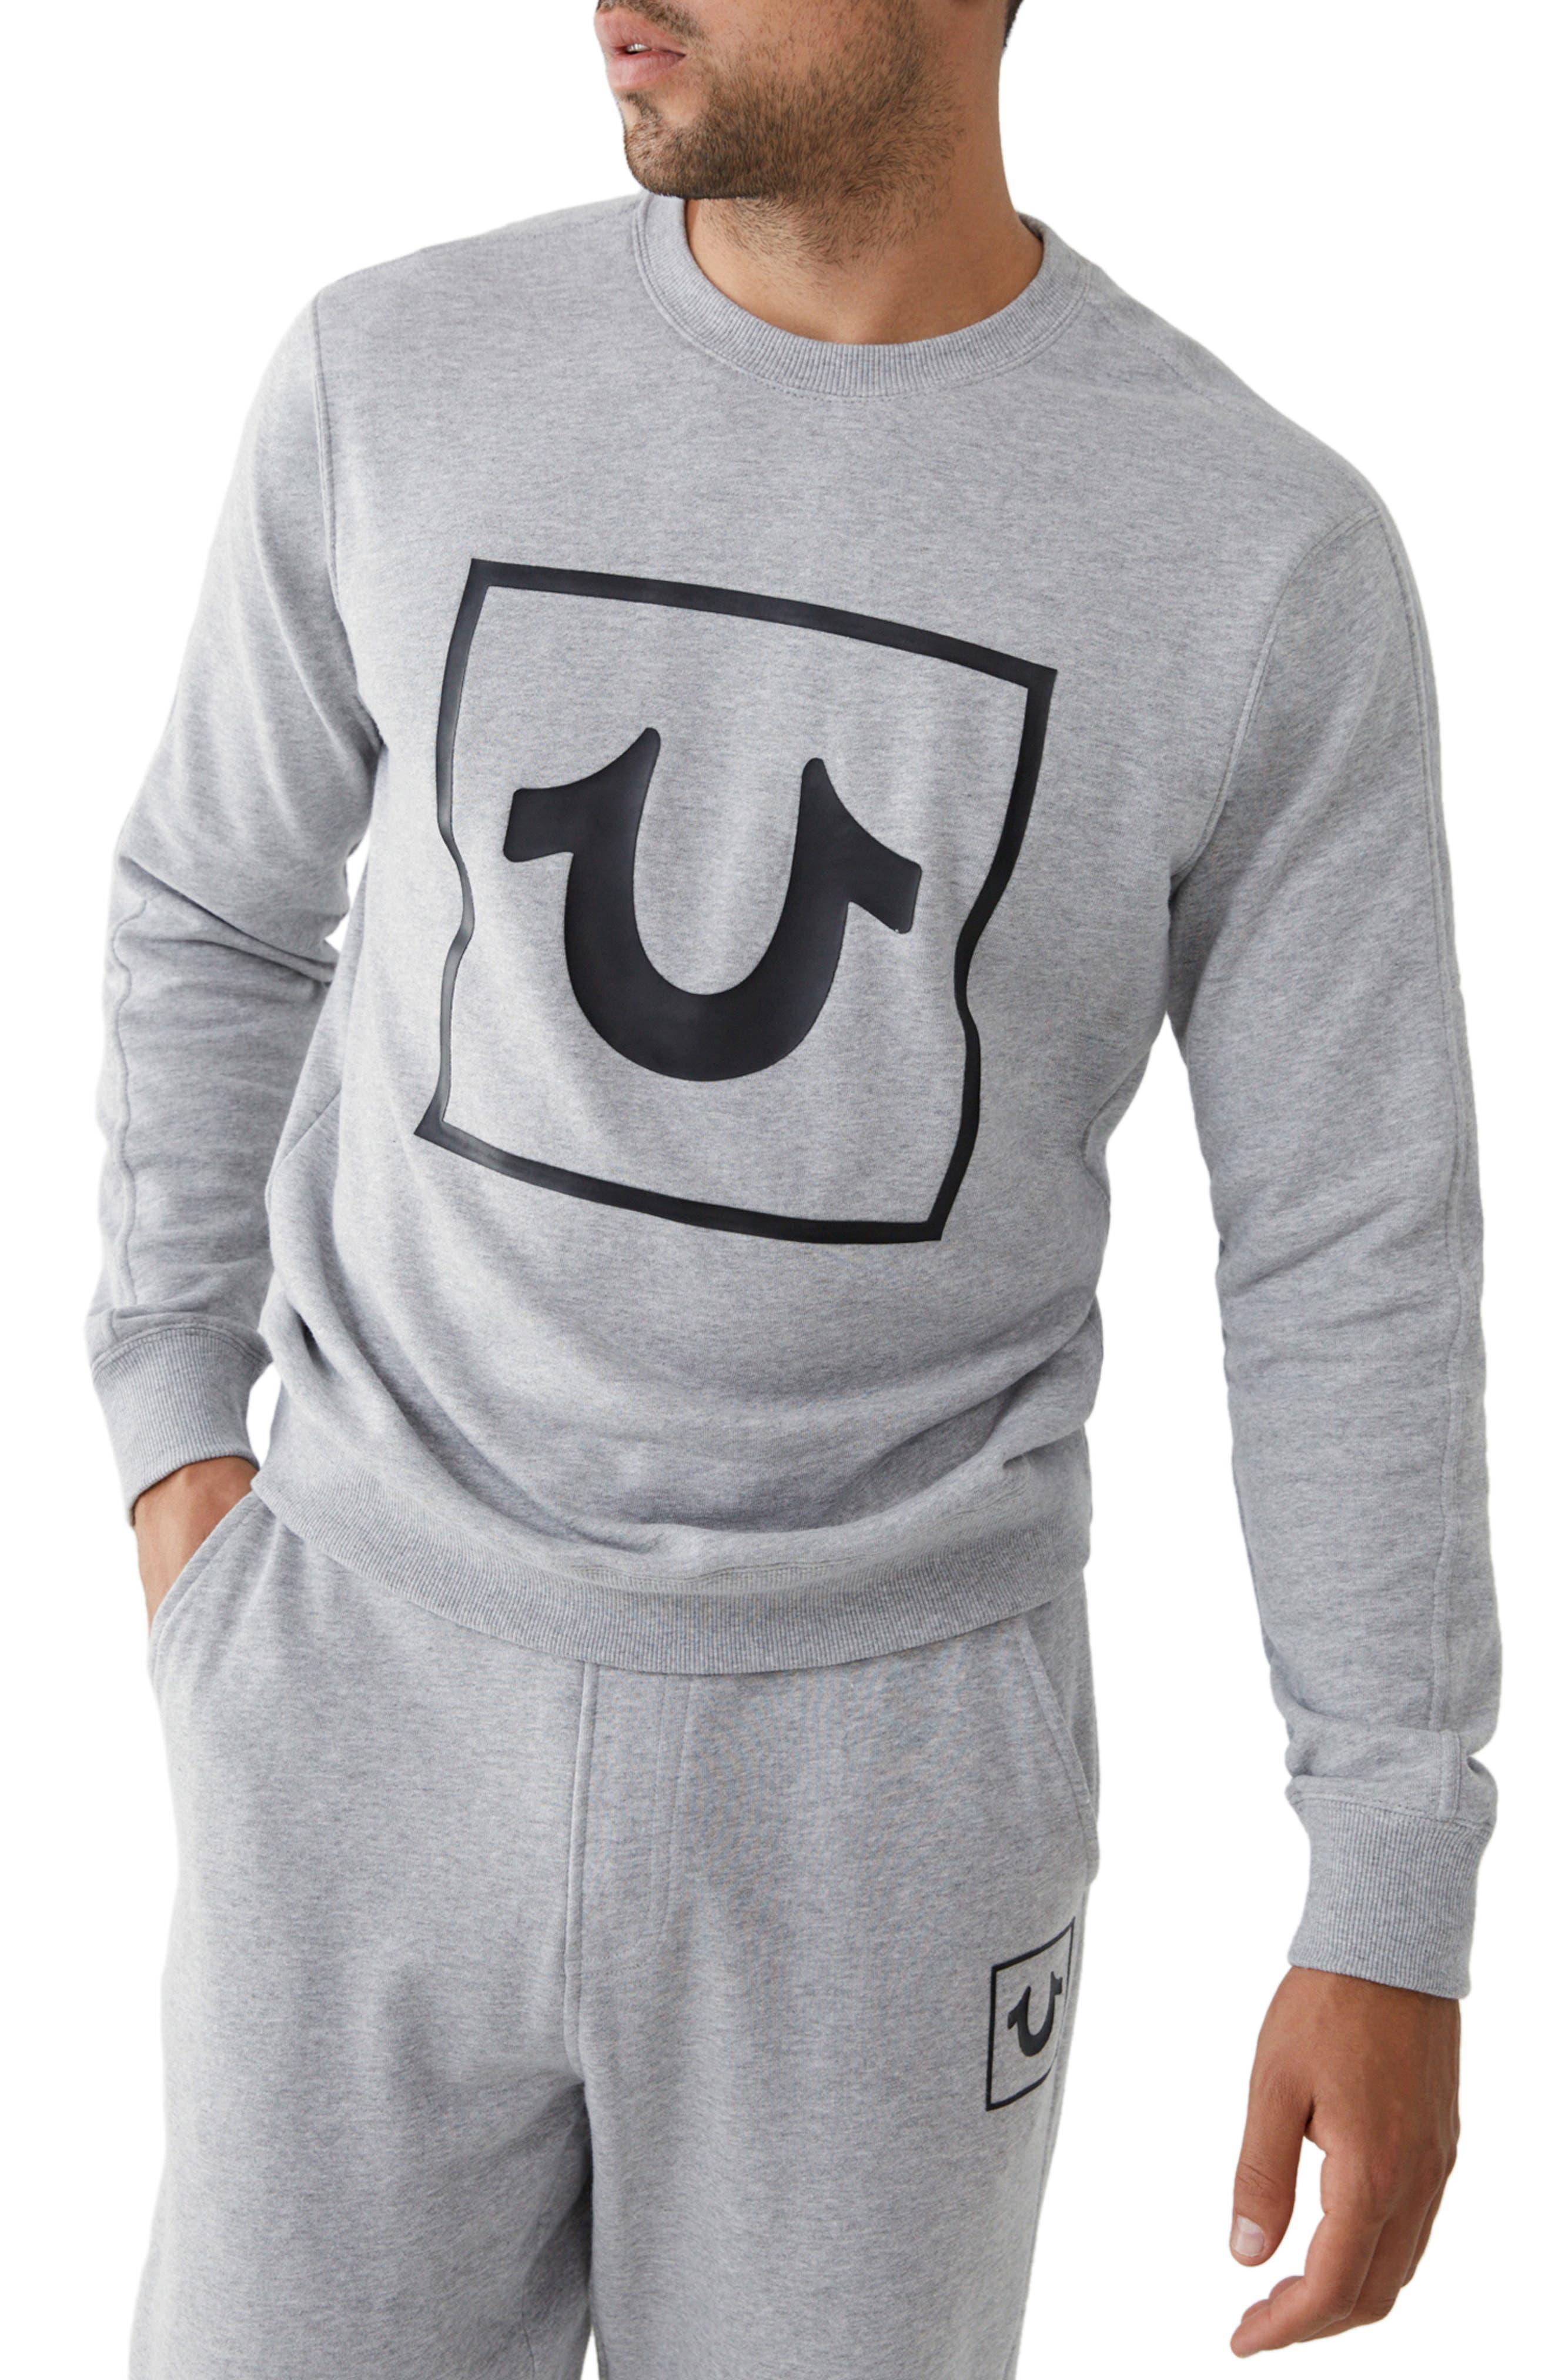 True Religion Sweatshirts LONG SLEEVE HORSESHOE CREWNECK